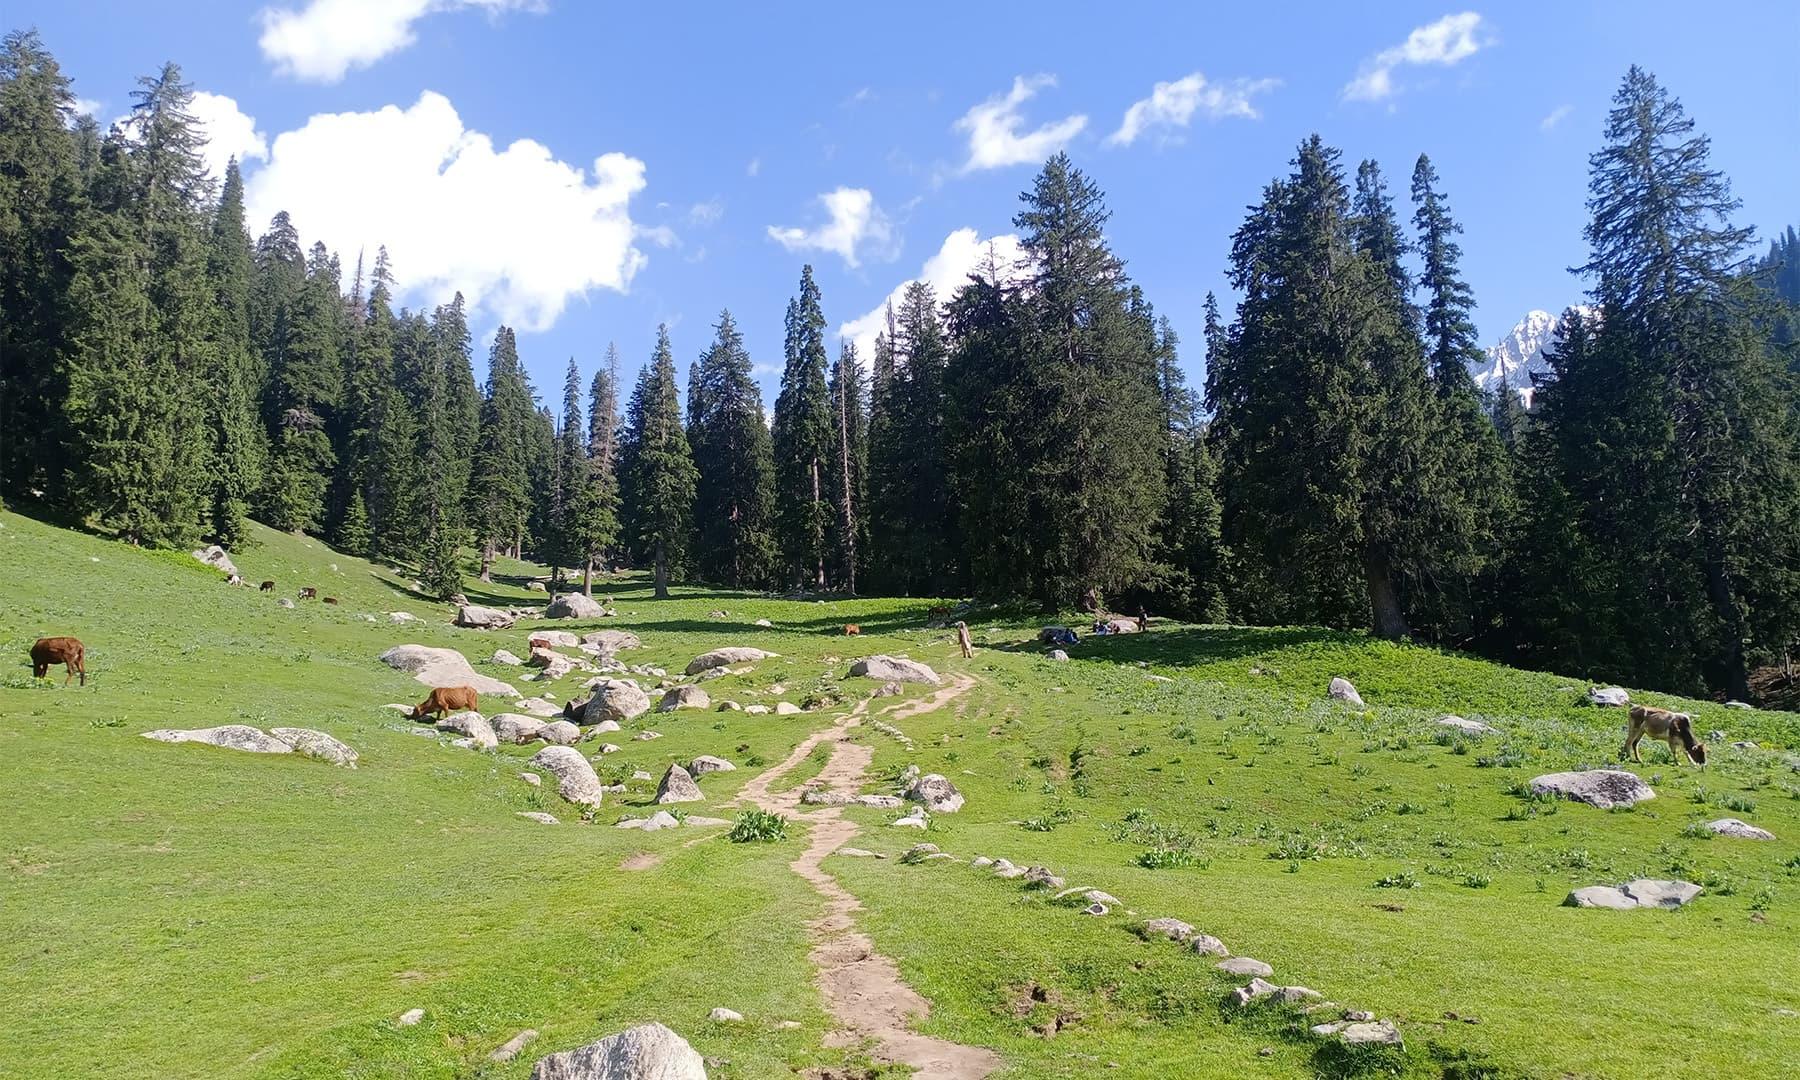 کنڈیل شئی بانال کا منظر — تصویر: عظمت اکبر